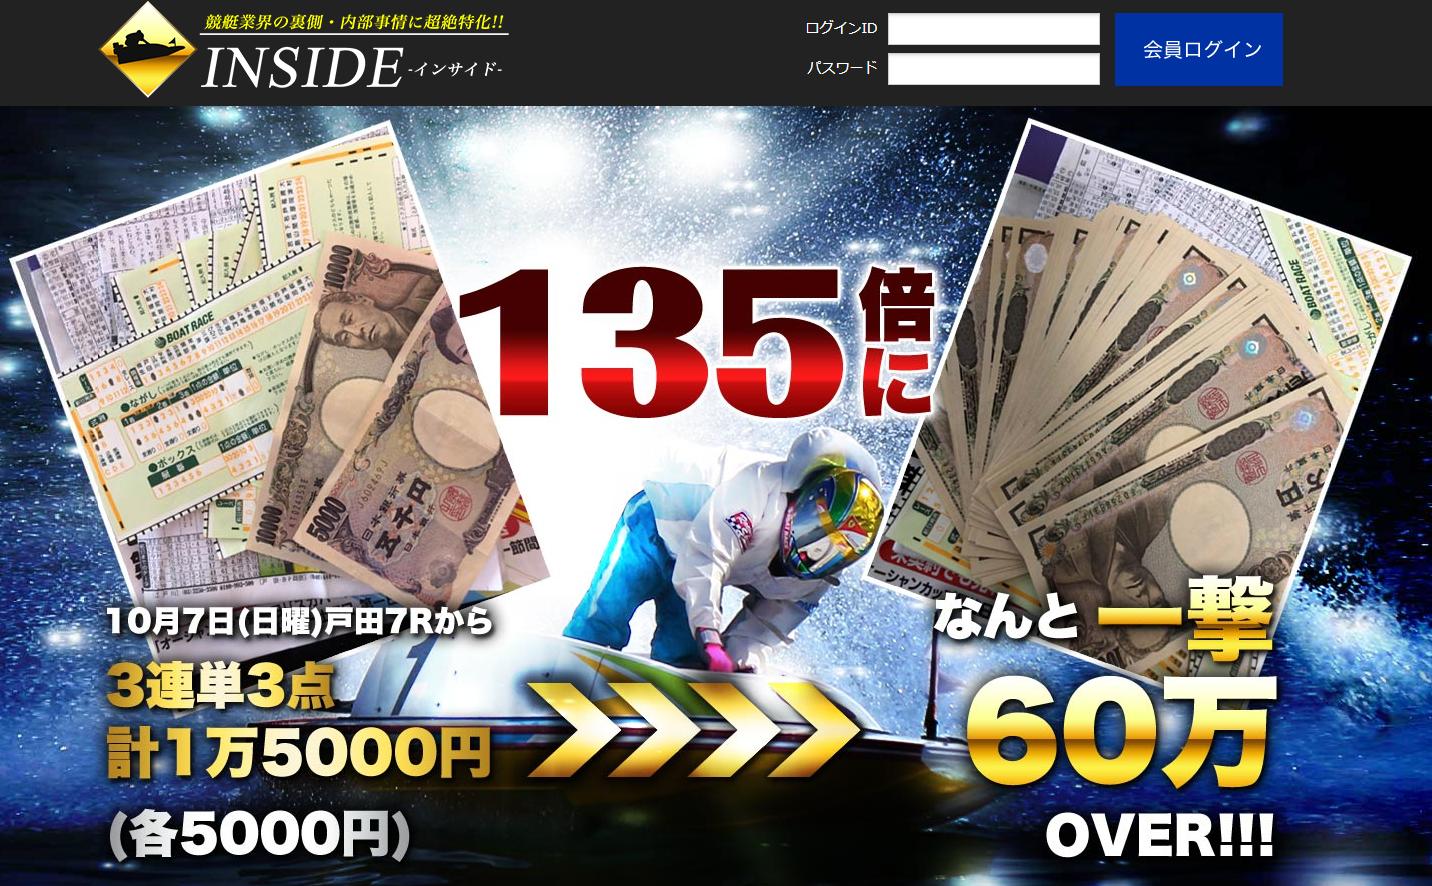 INSIDE_TOP